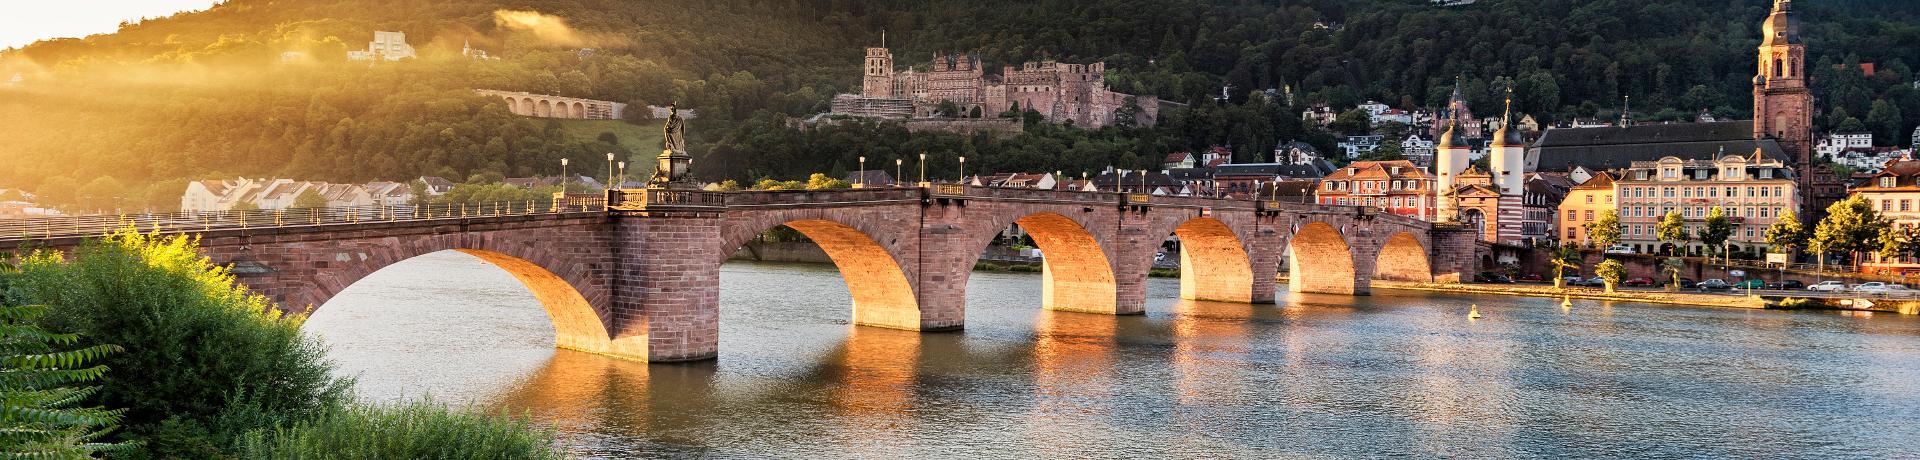 Städtereisen - Deutschland - Heidelberg Emotion